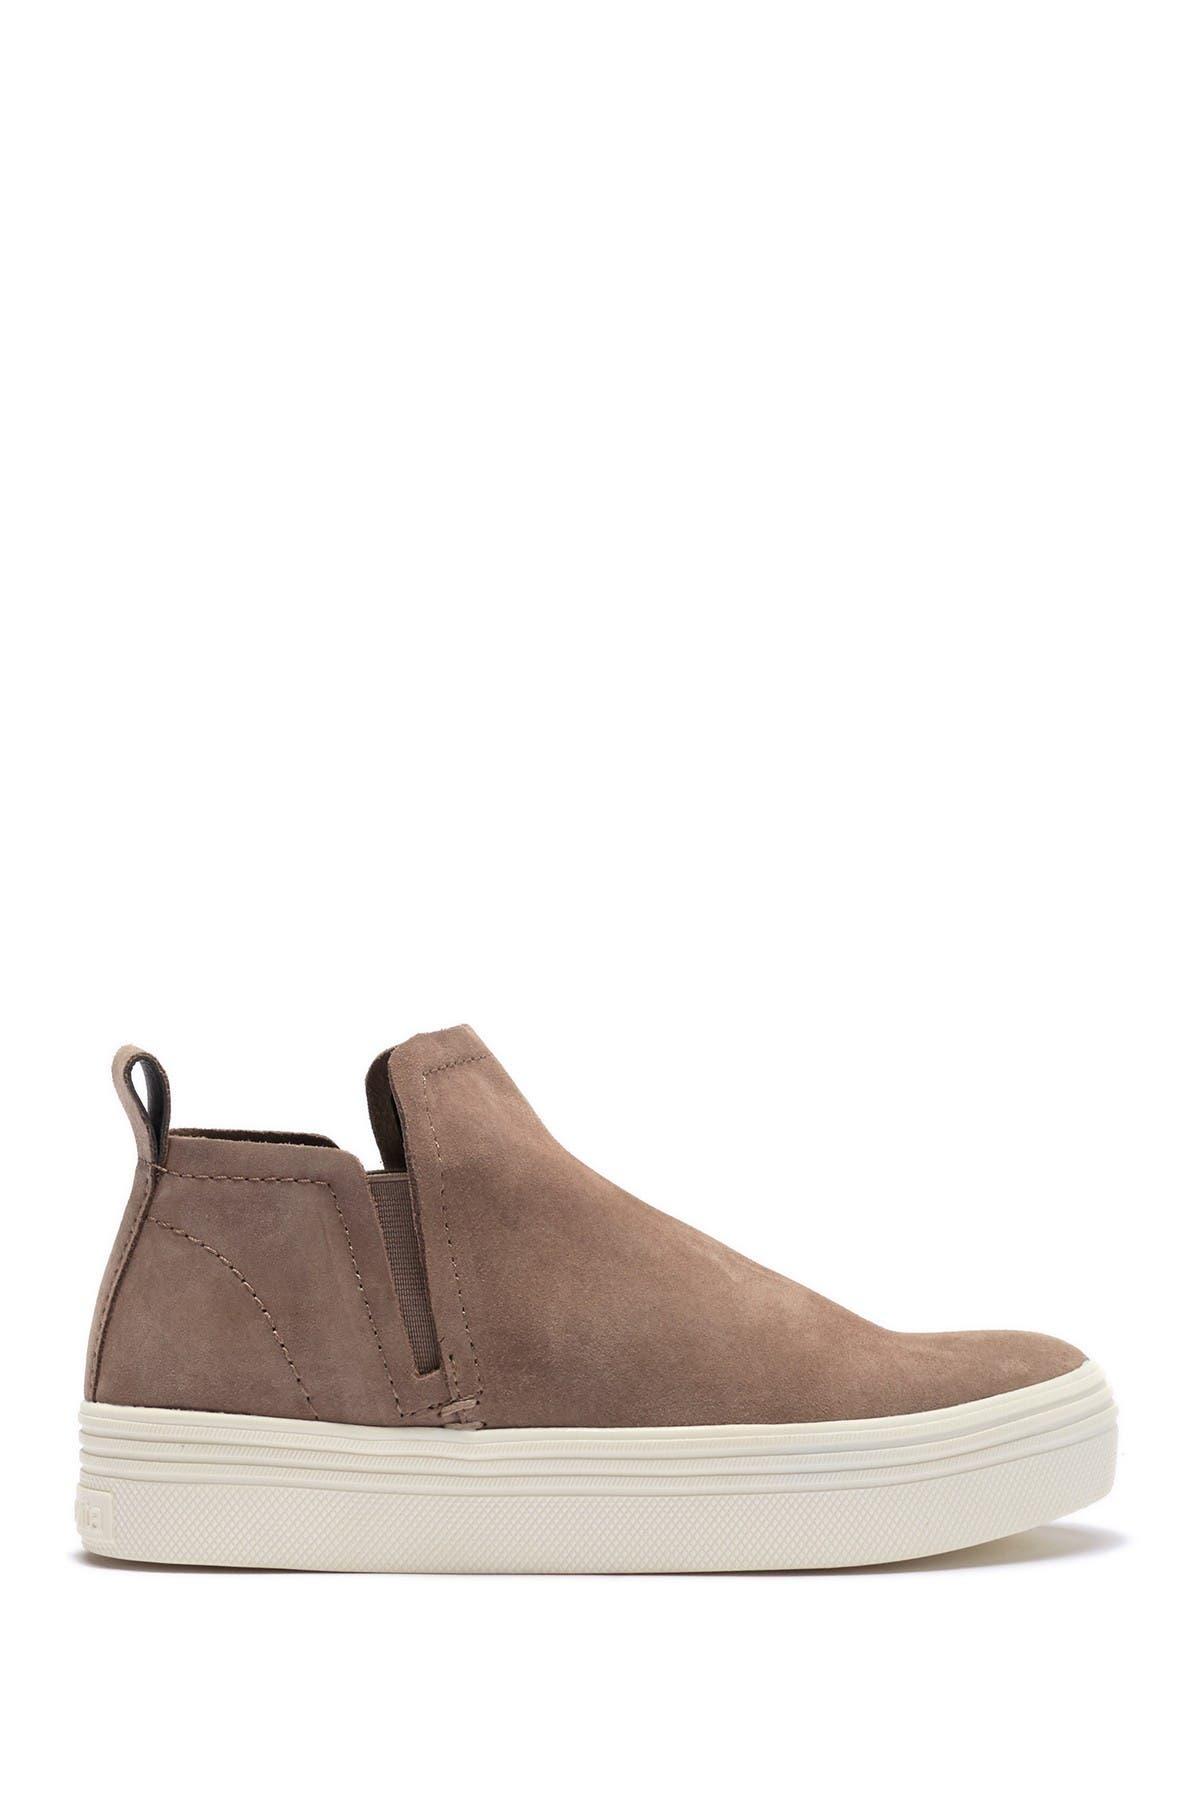 Dolce Vita | Tate Slip-On Sneaker